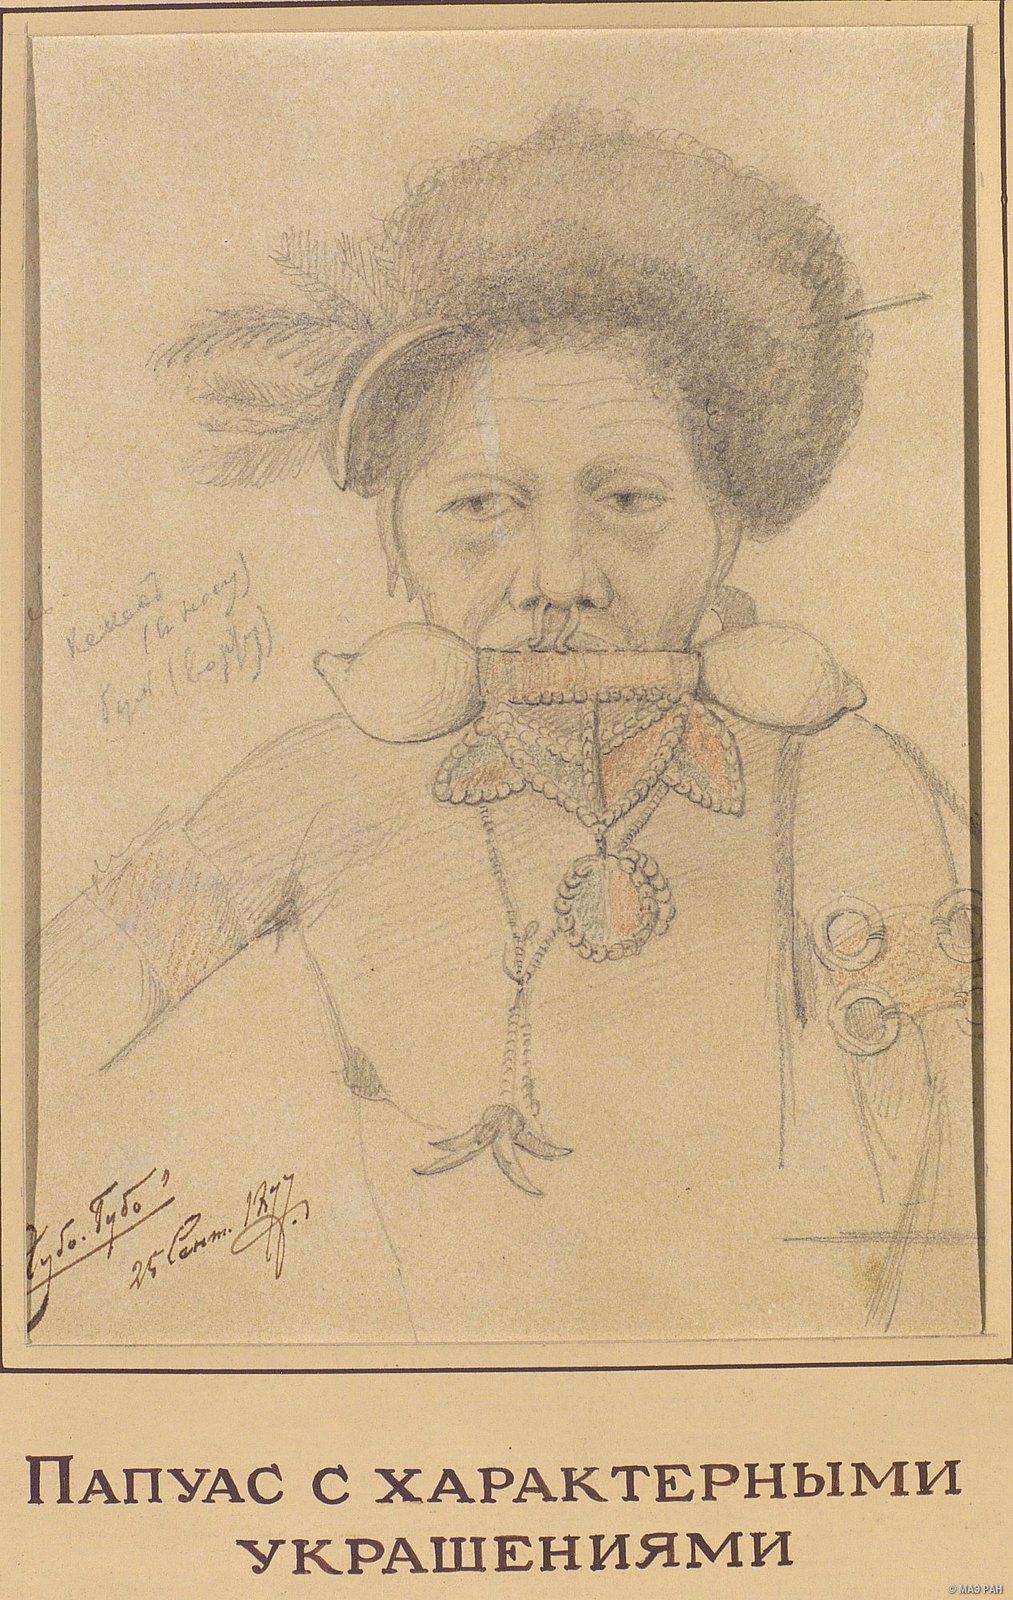 1877. Папуас с характерными украшениями. Губо-Губо. Кекес (в носу), буль (во рту). 25 сентября